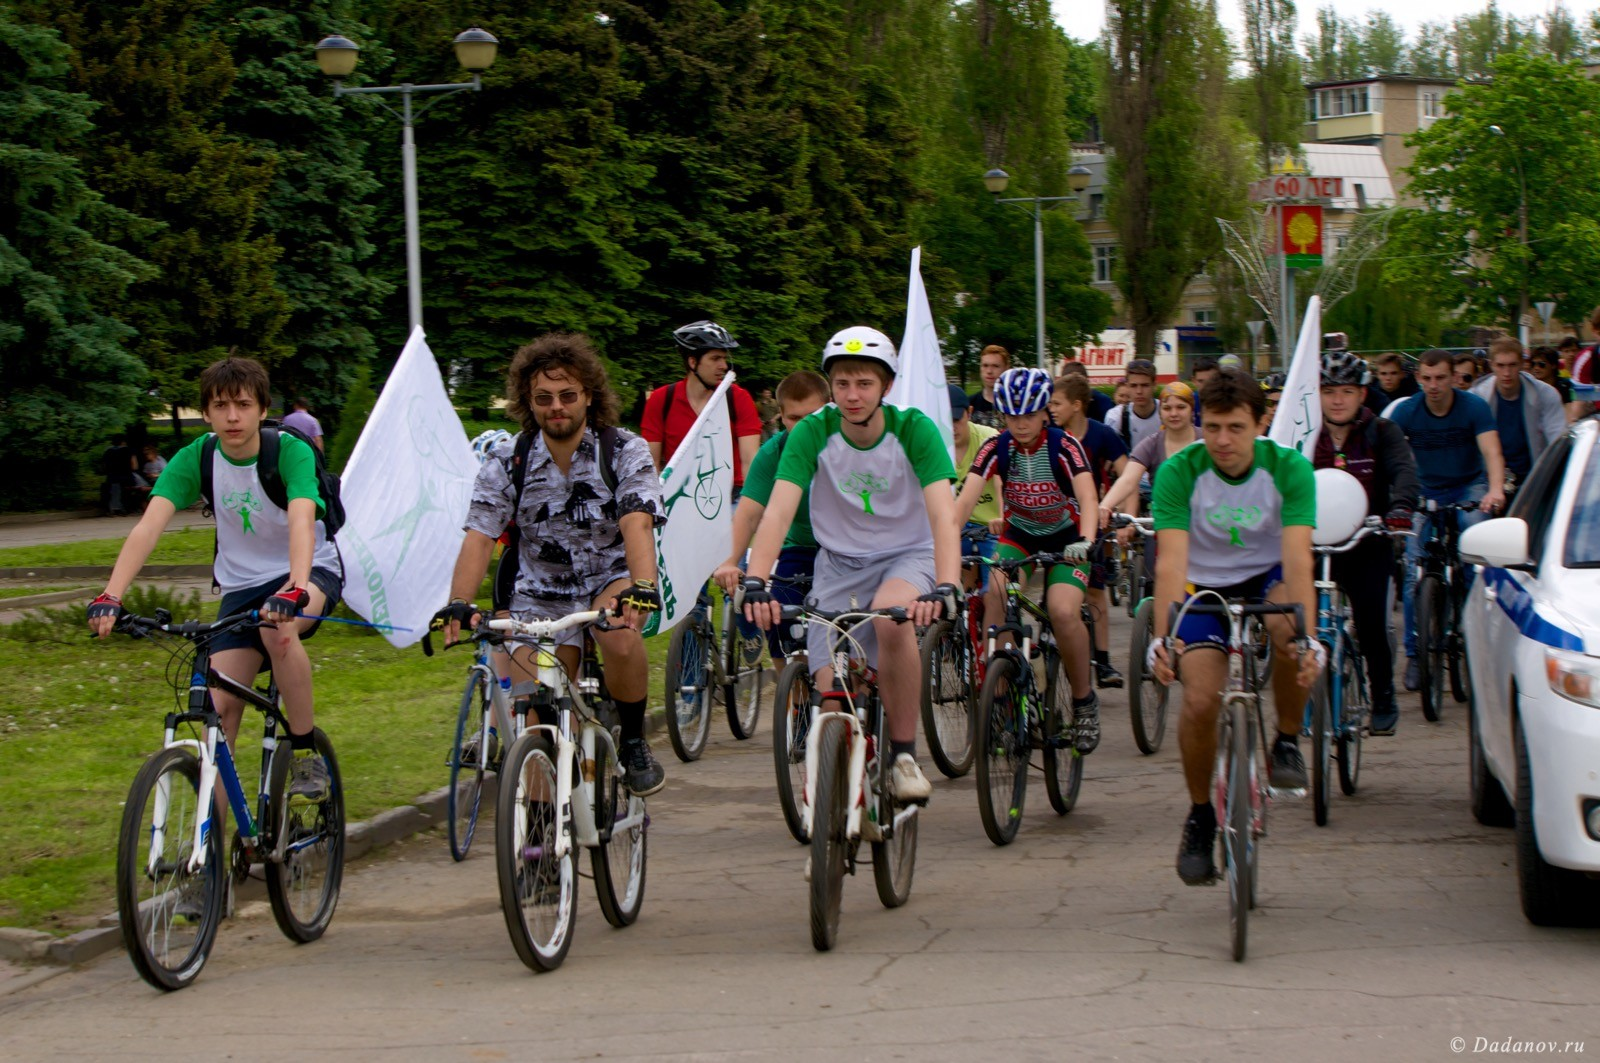 Велодень 2016 в Липецке состоялся. Фотографии с мероприятия 2986